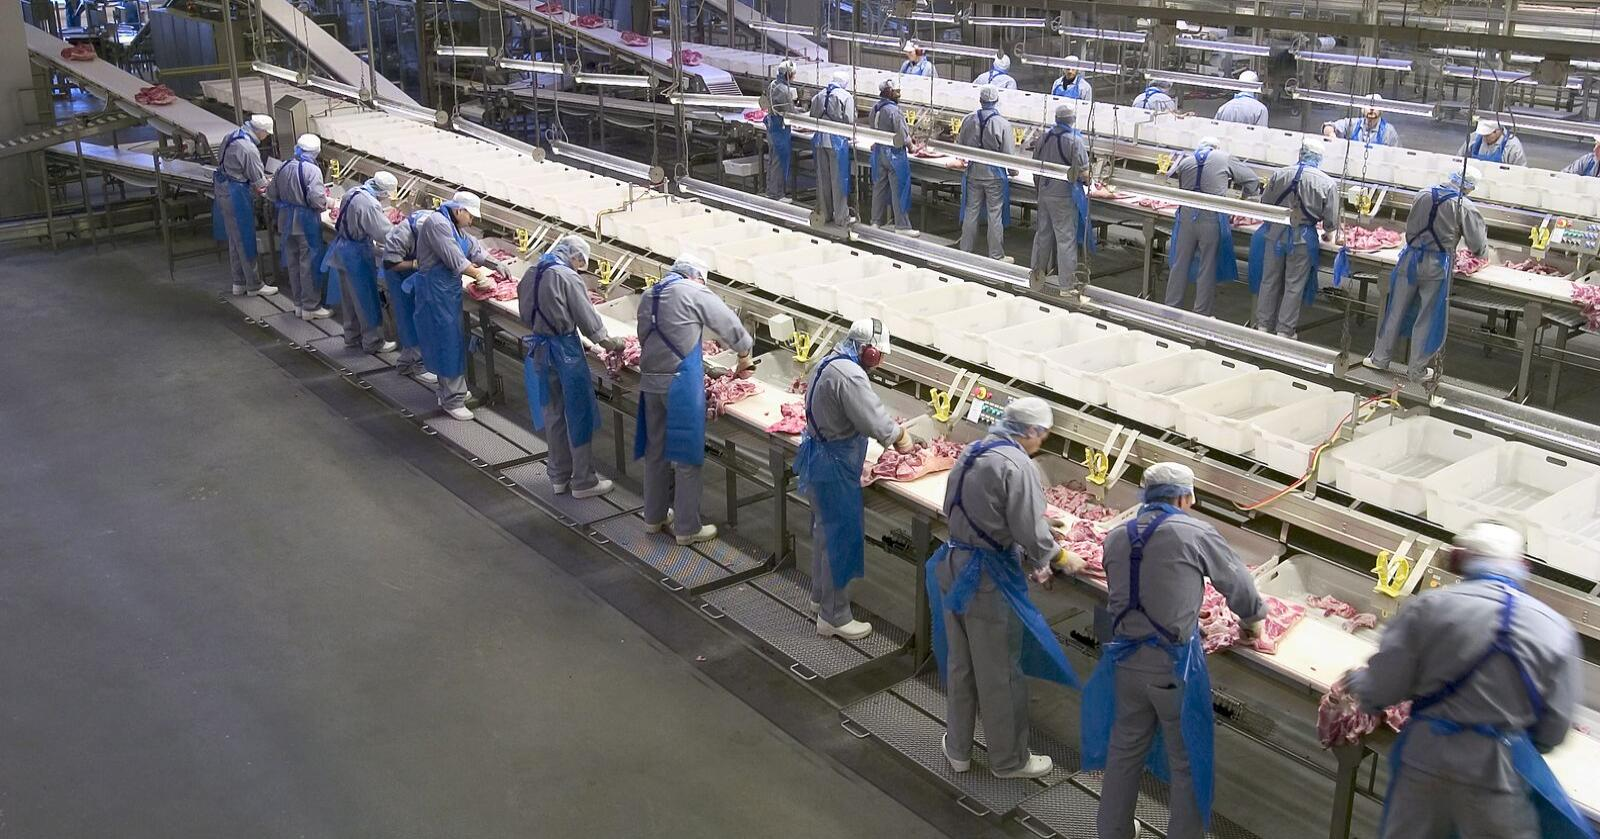 Danish Crowns fabrikk i Horsens skal automatiseres, slik at blant annet pakkingen kan foregå raskere. Bildet er fra da fabrikkslakteriet var nyåpnet i 2005. Foto: Chili foto & arkiv